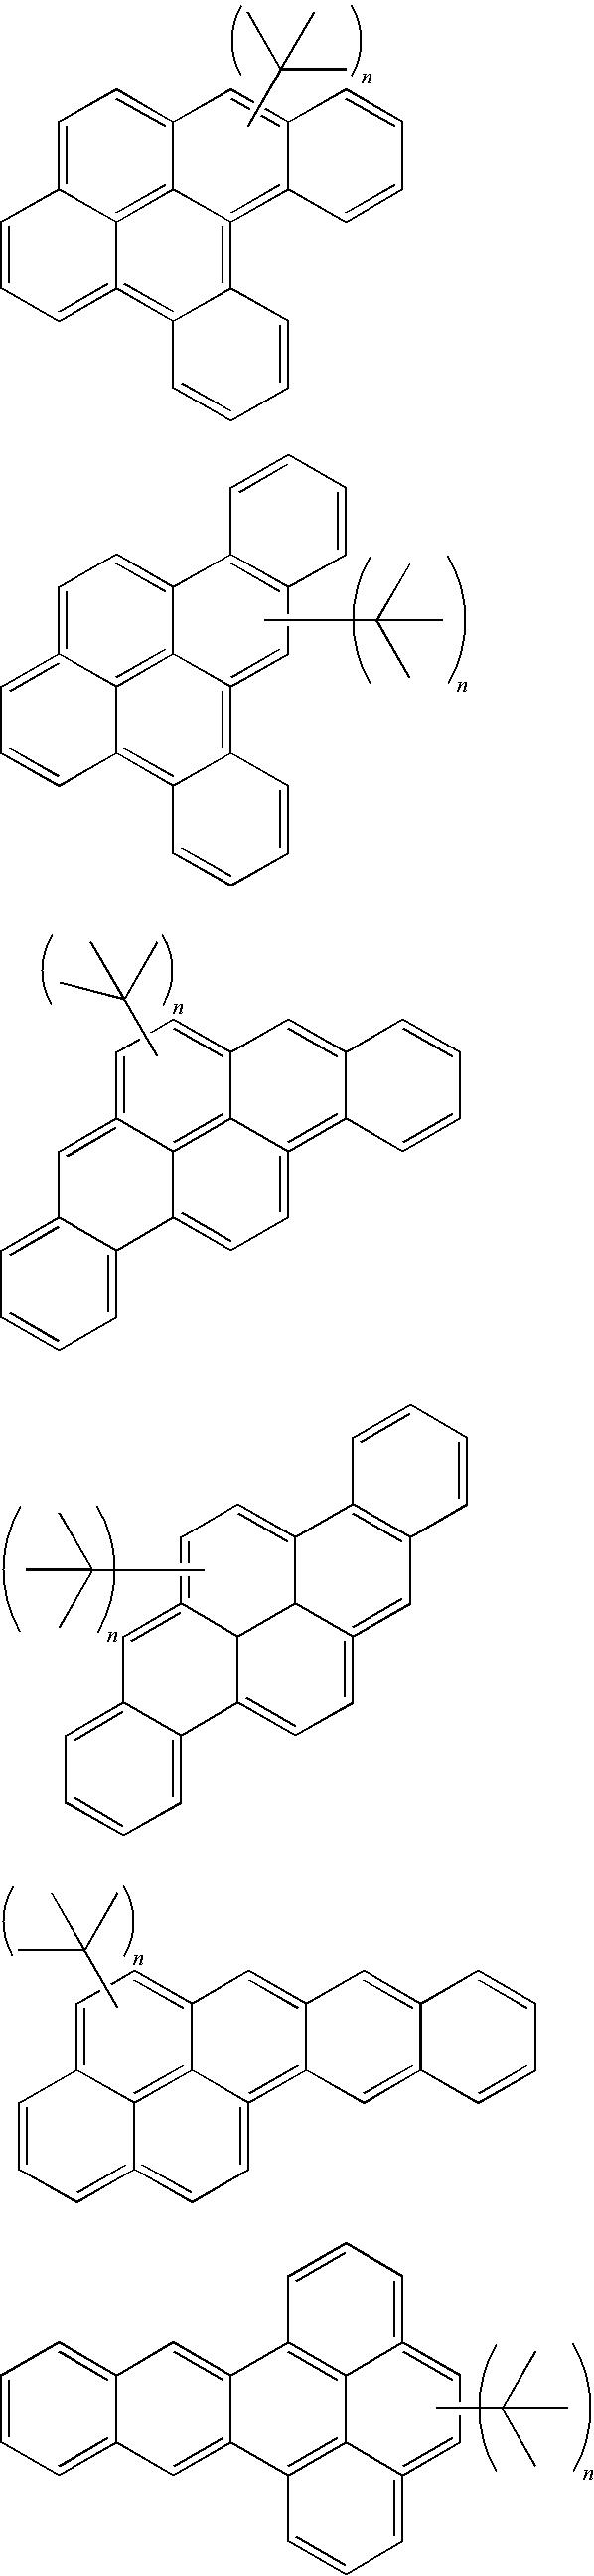 Figure US07528542-20090505-C00025